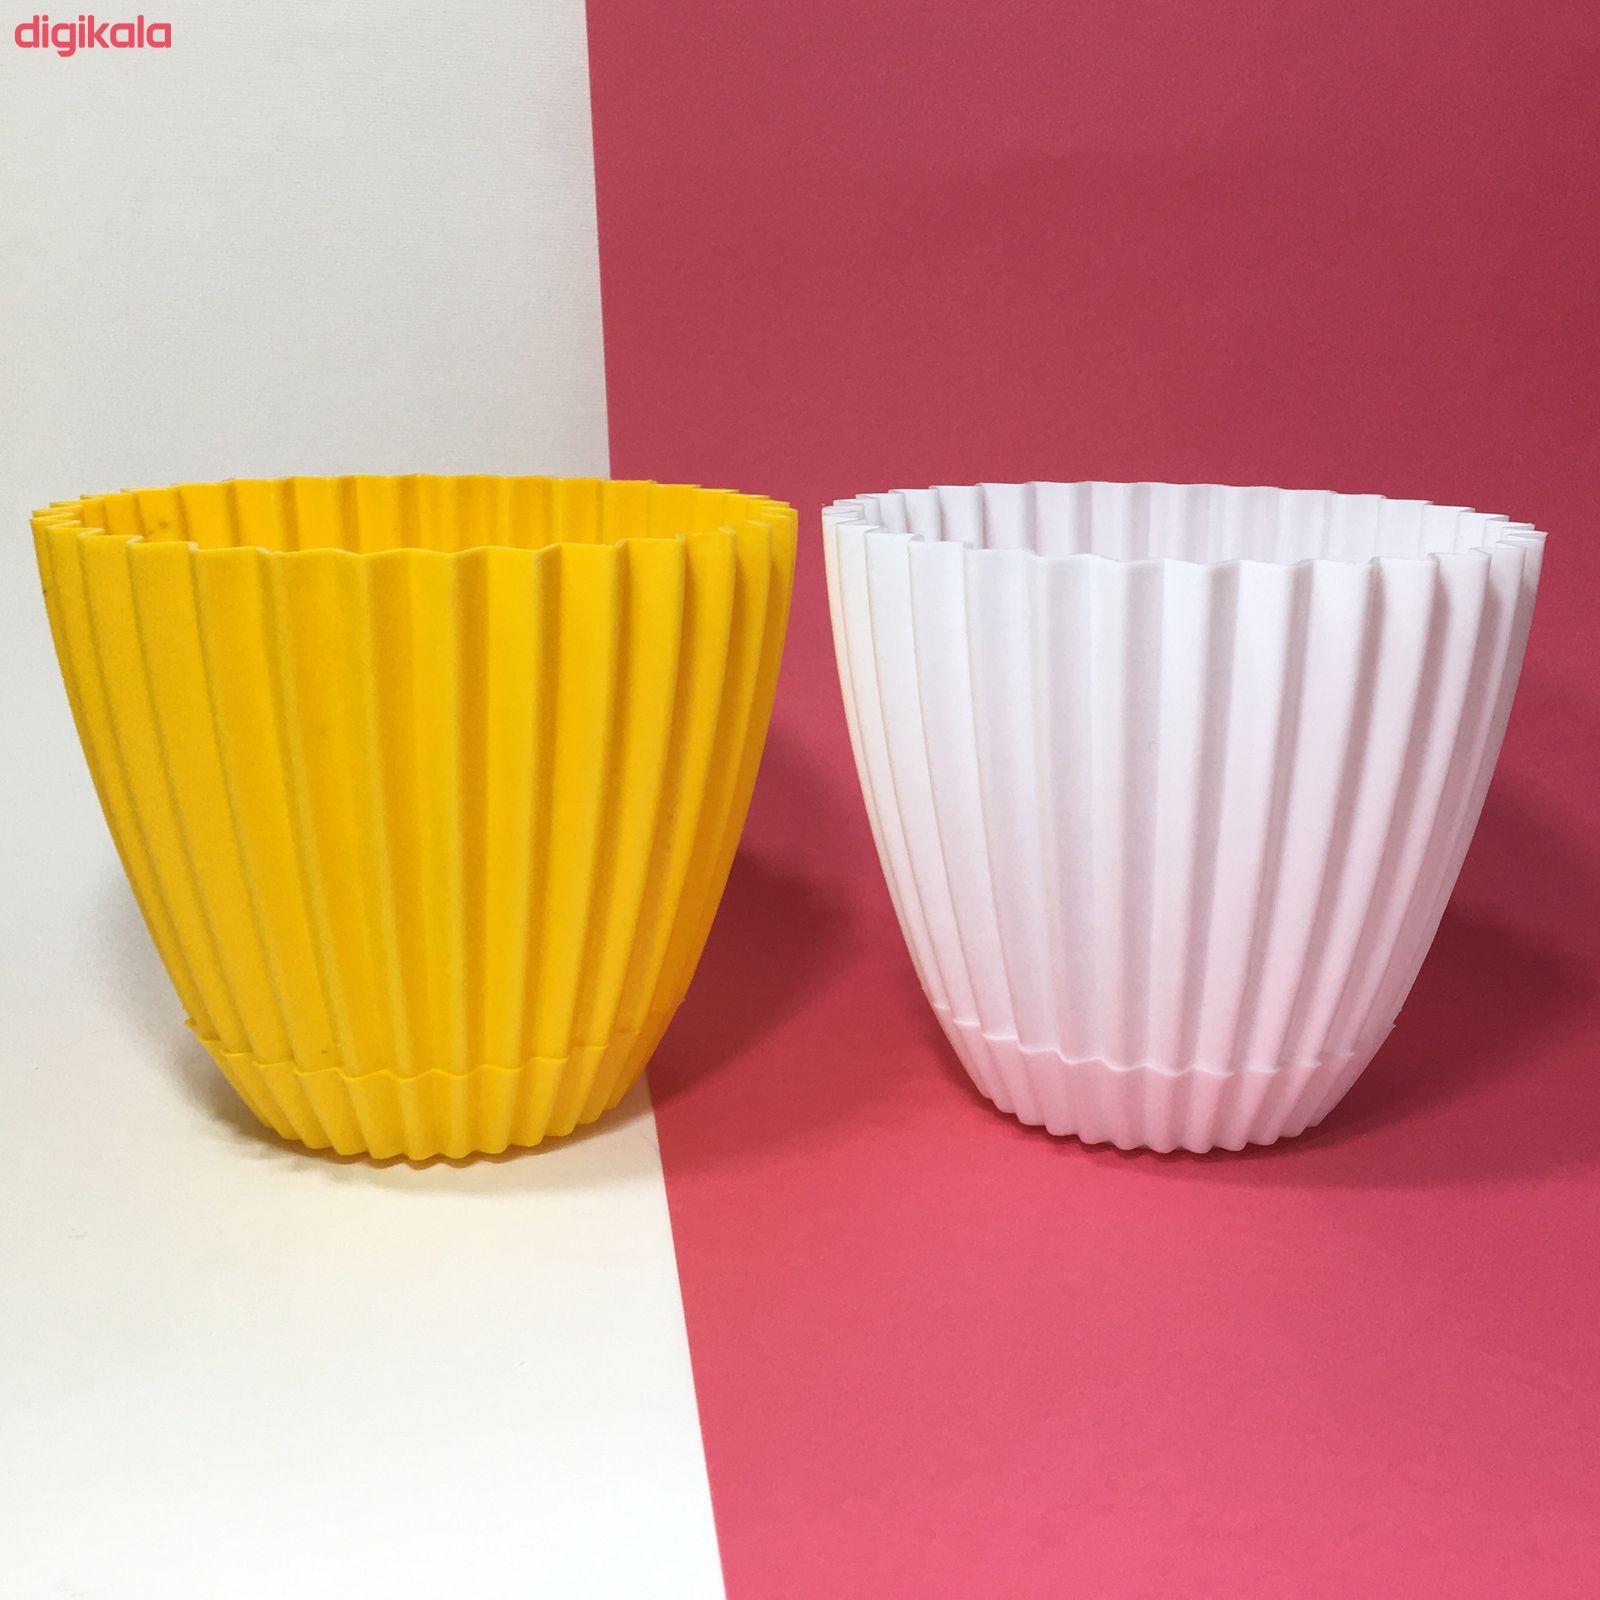 گلدان دانیال پلاستیک کد 210 main 1 4